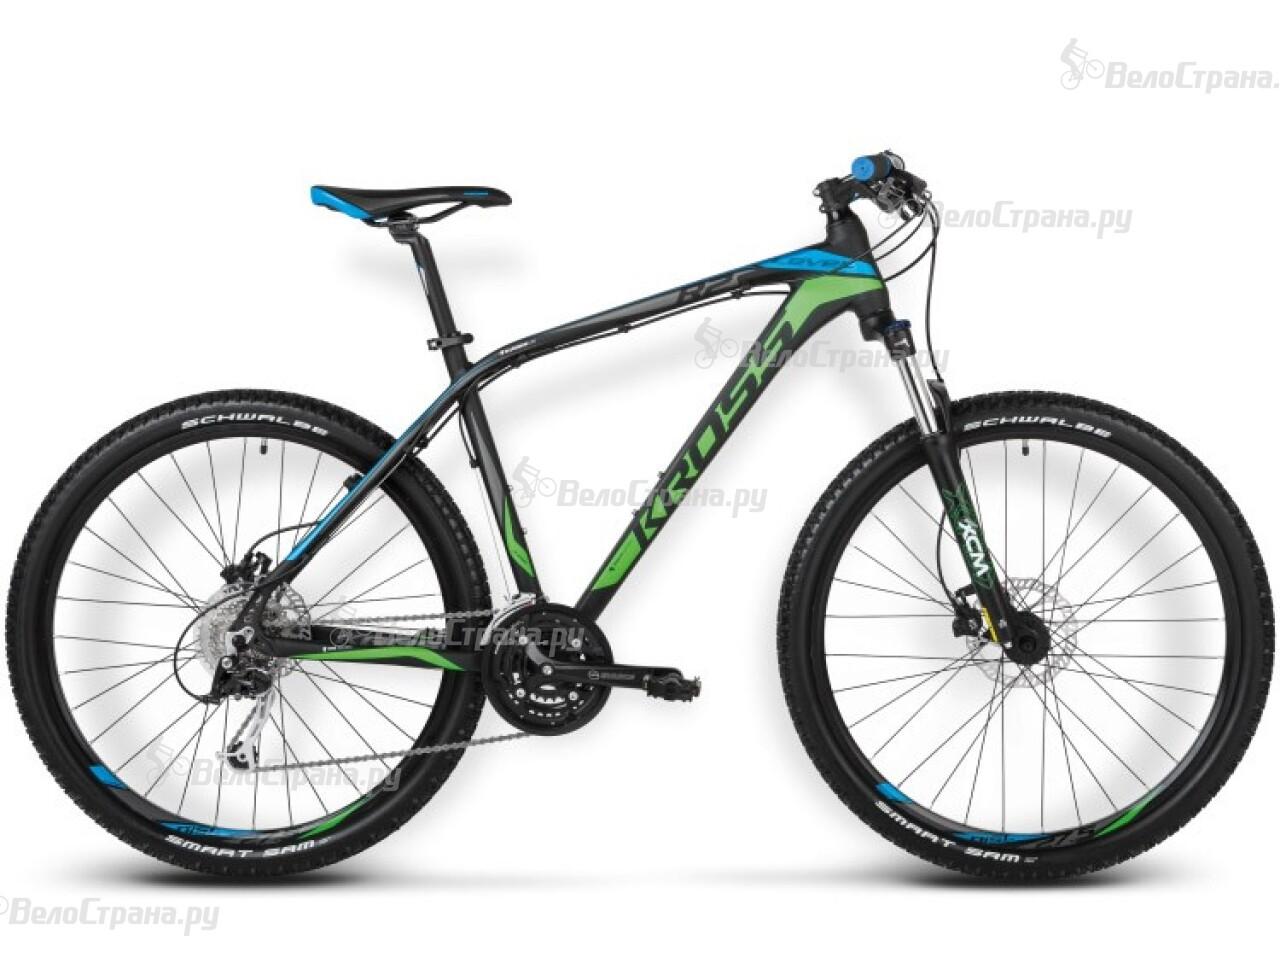 Велосипед Kross Level R2 (2015) велосипед kross level mini 2015